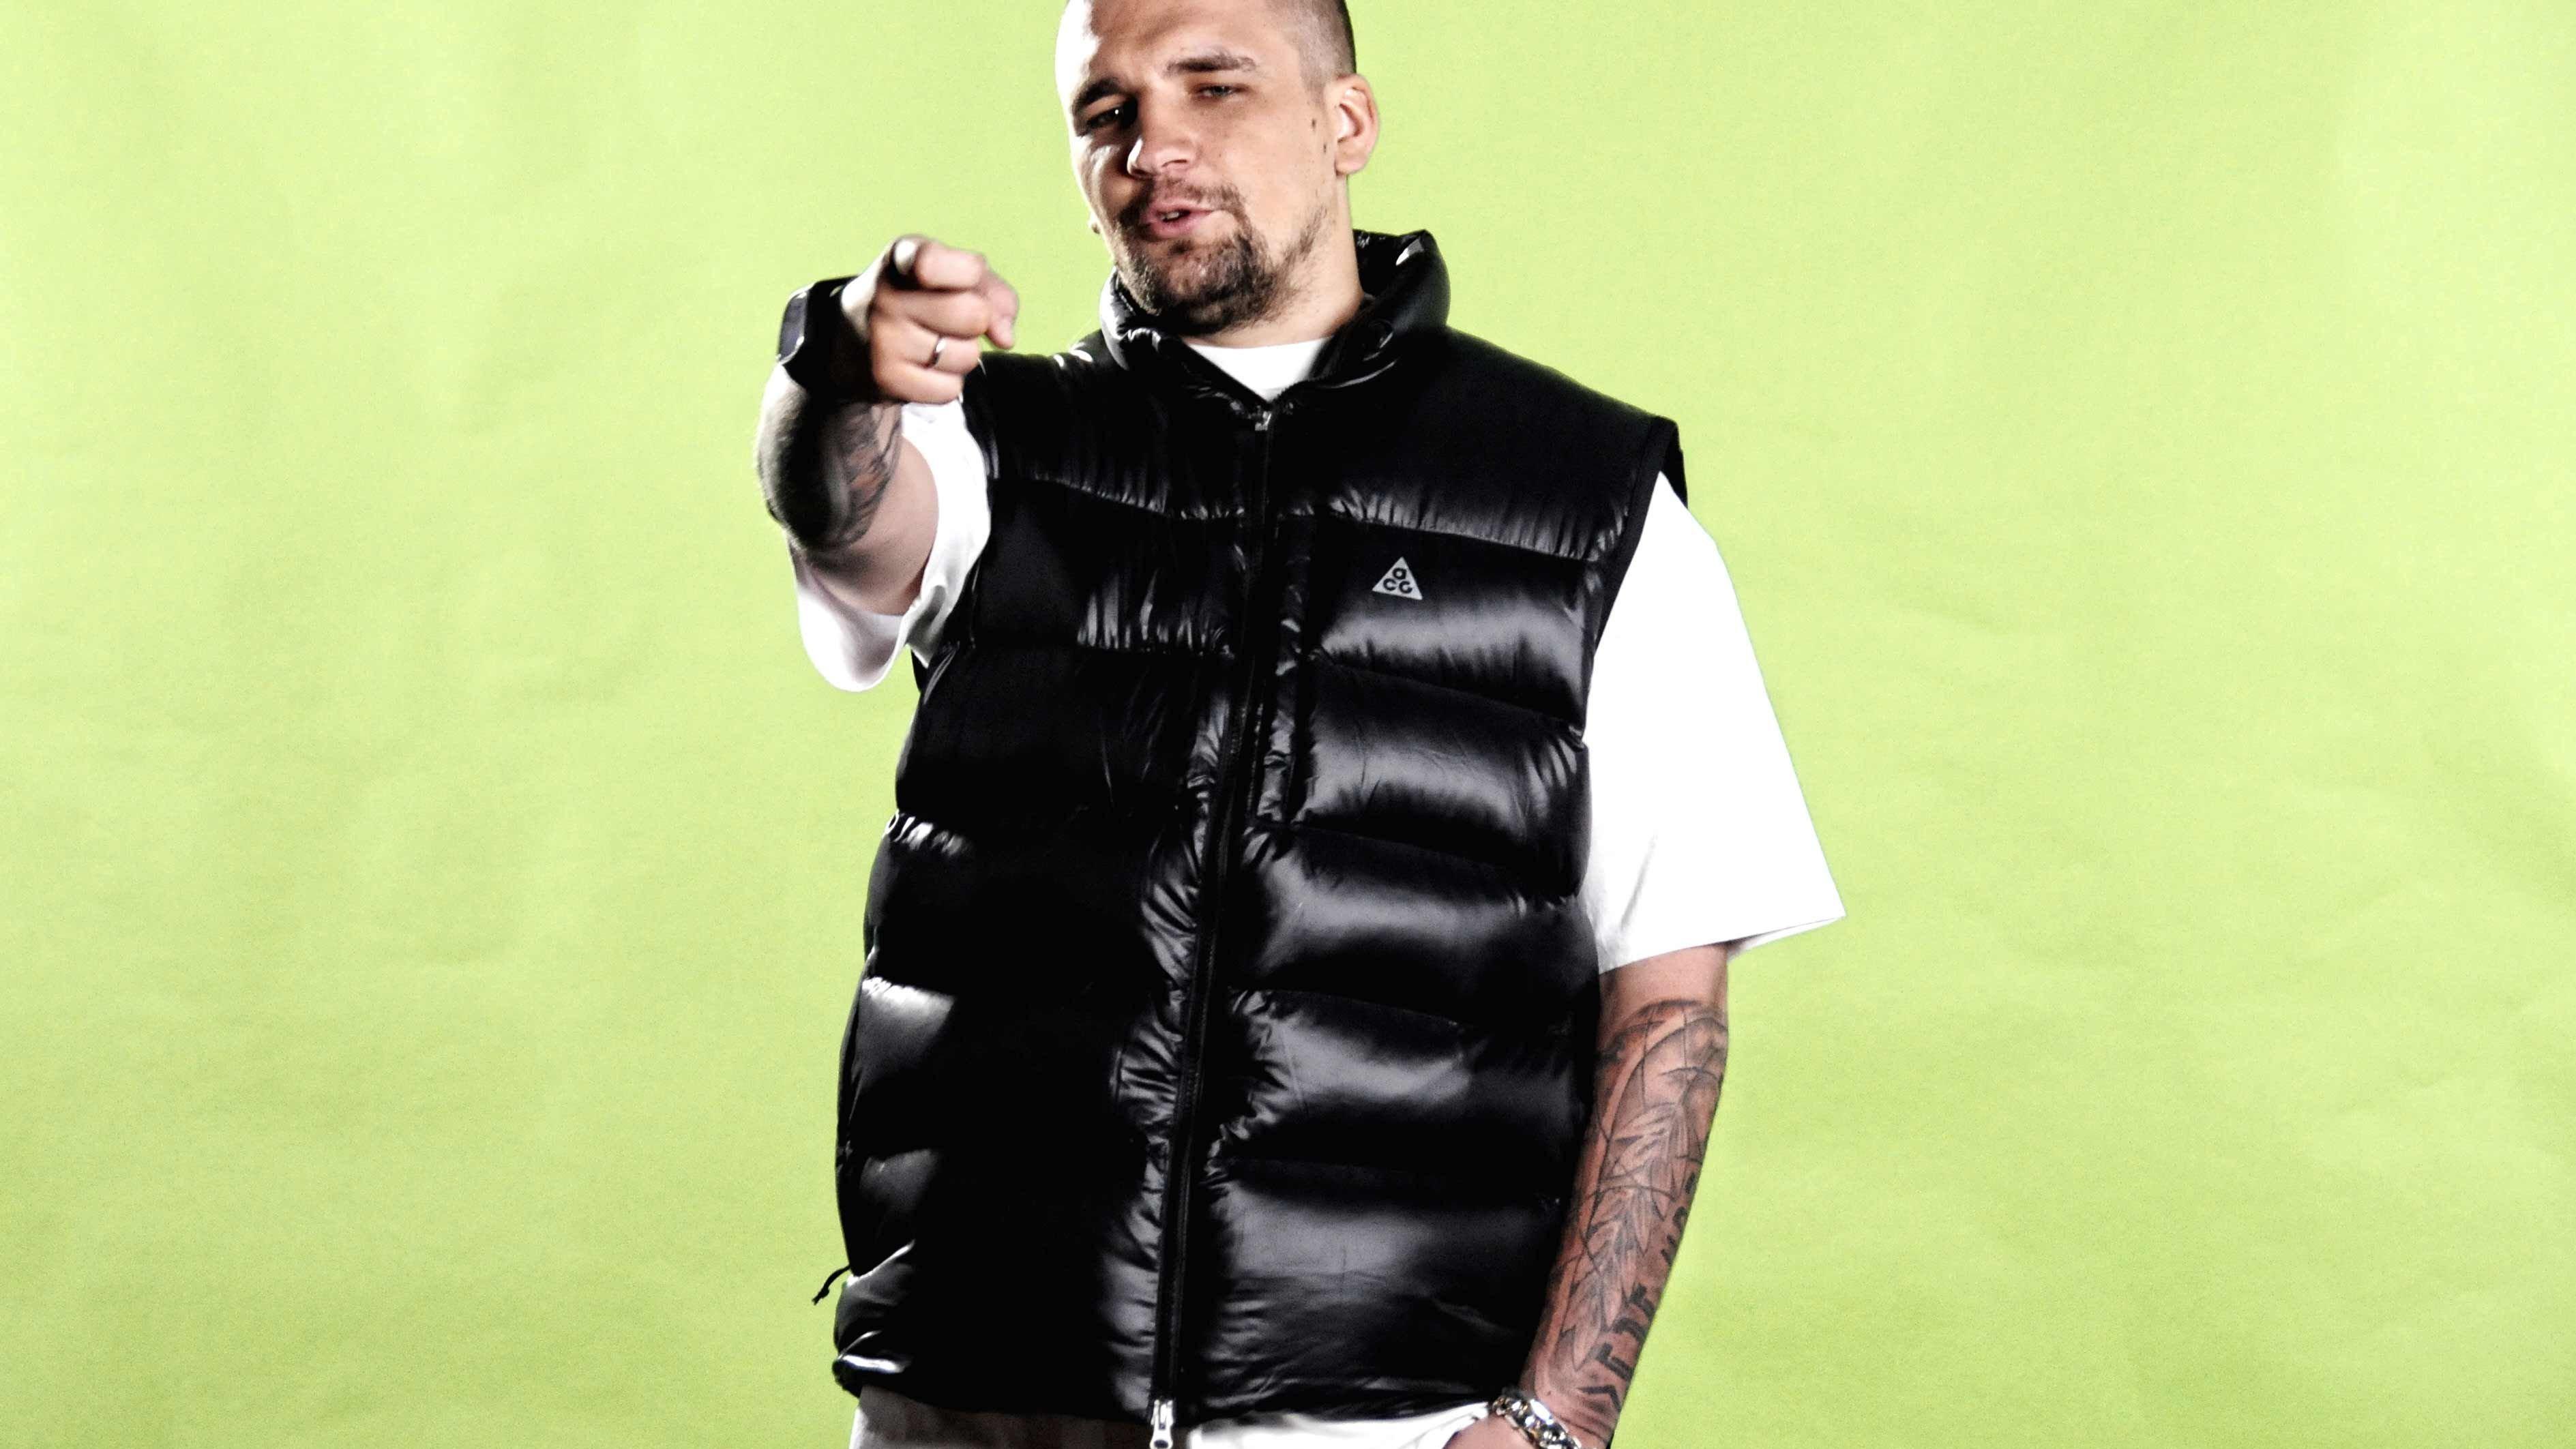 Рэпер Баста поднялся на несколько позиций в рейтинге Forbes